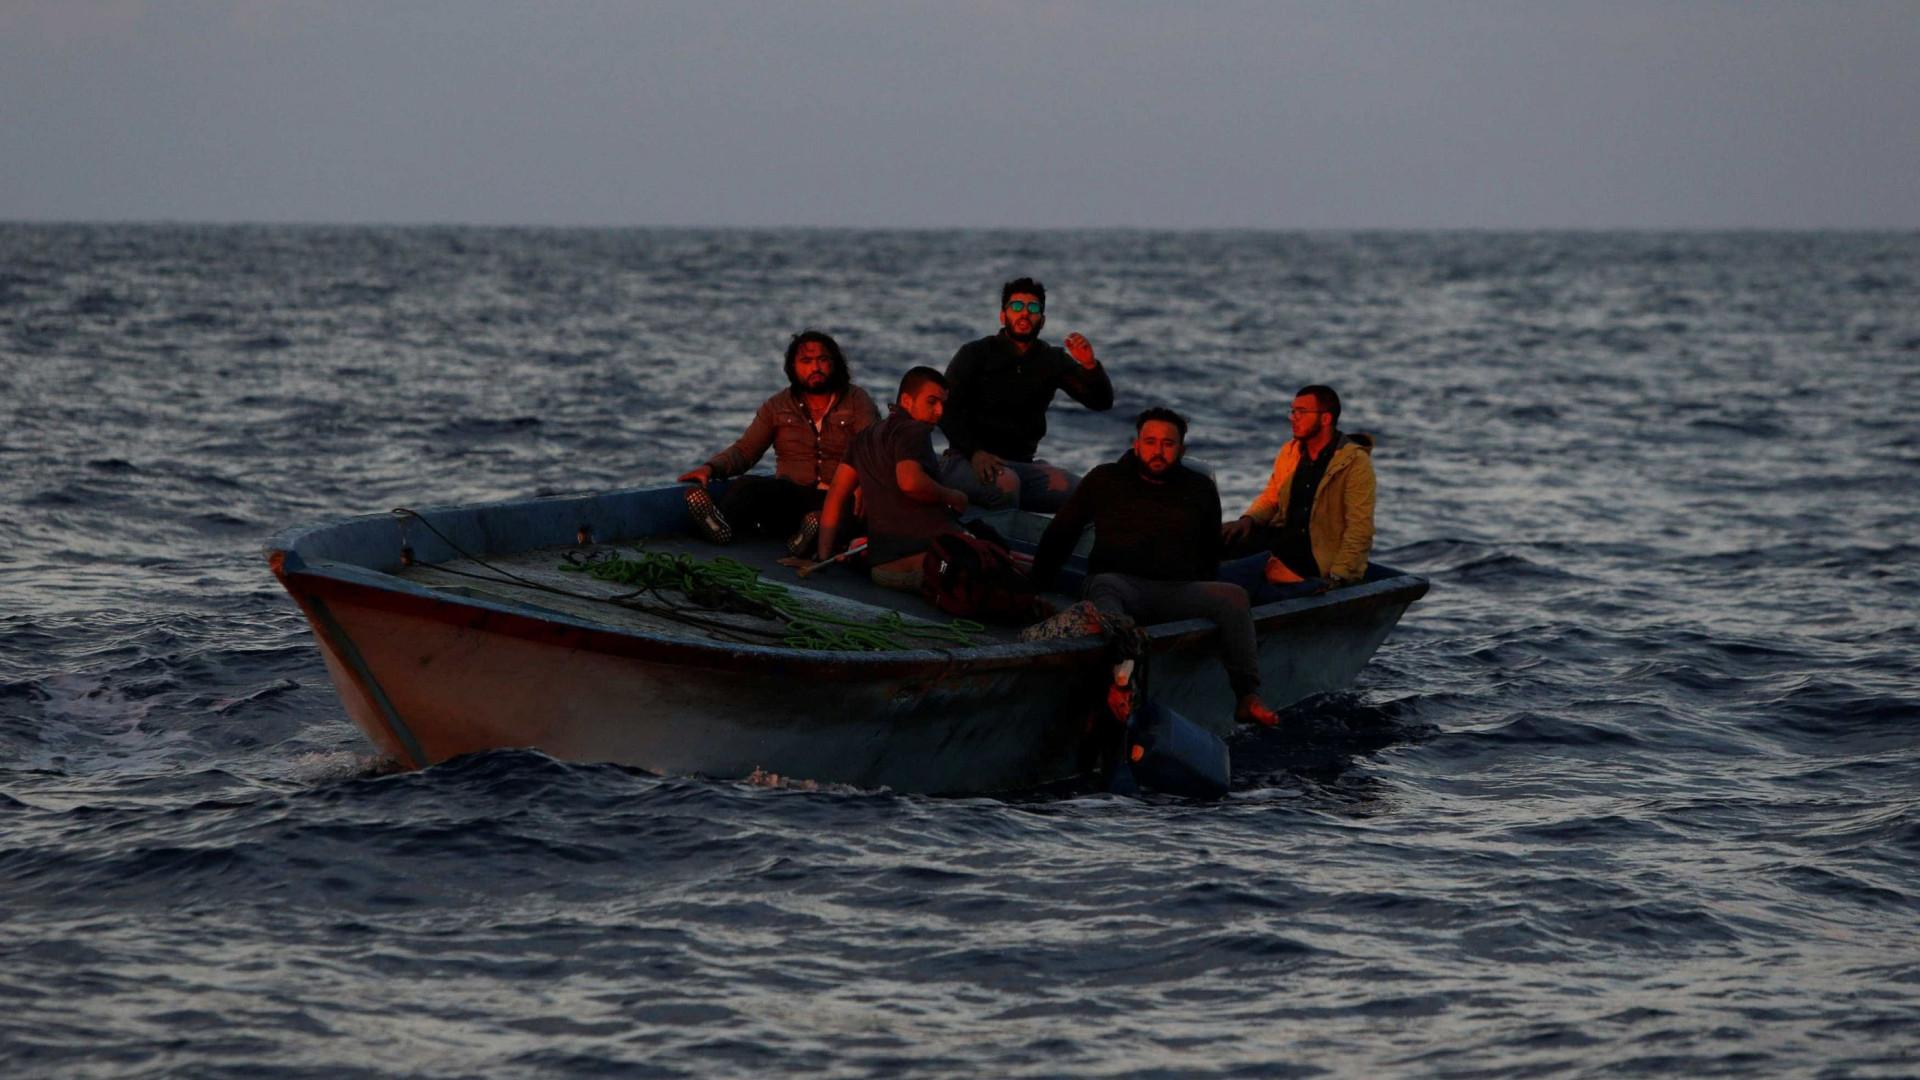 Autoridades resgatam 140 imigrantes na costa espanhola